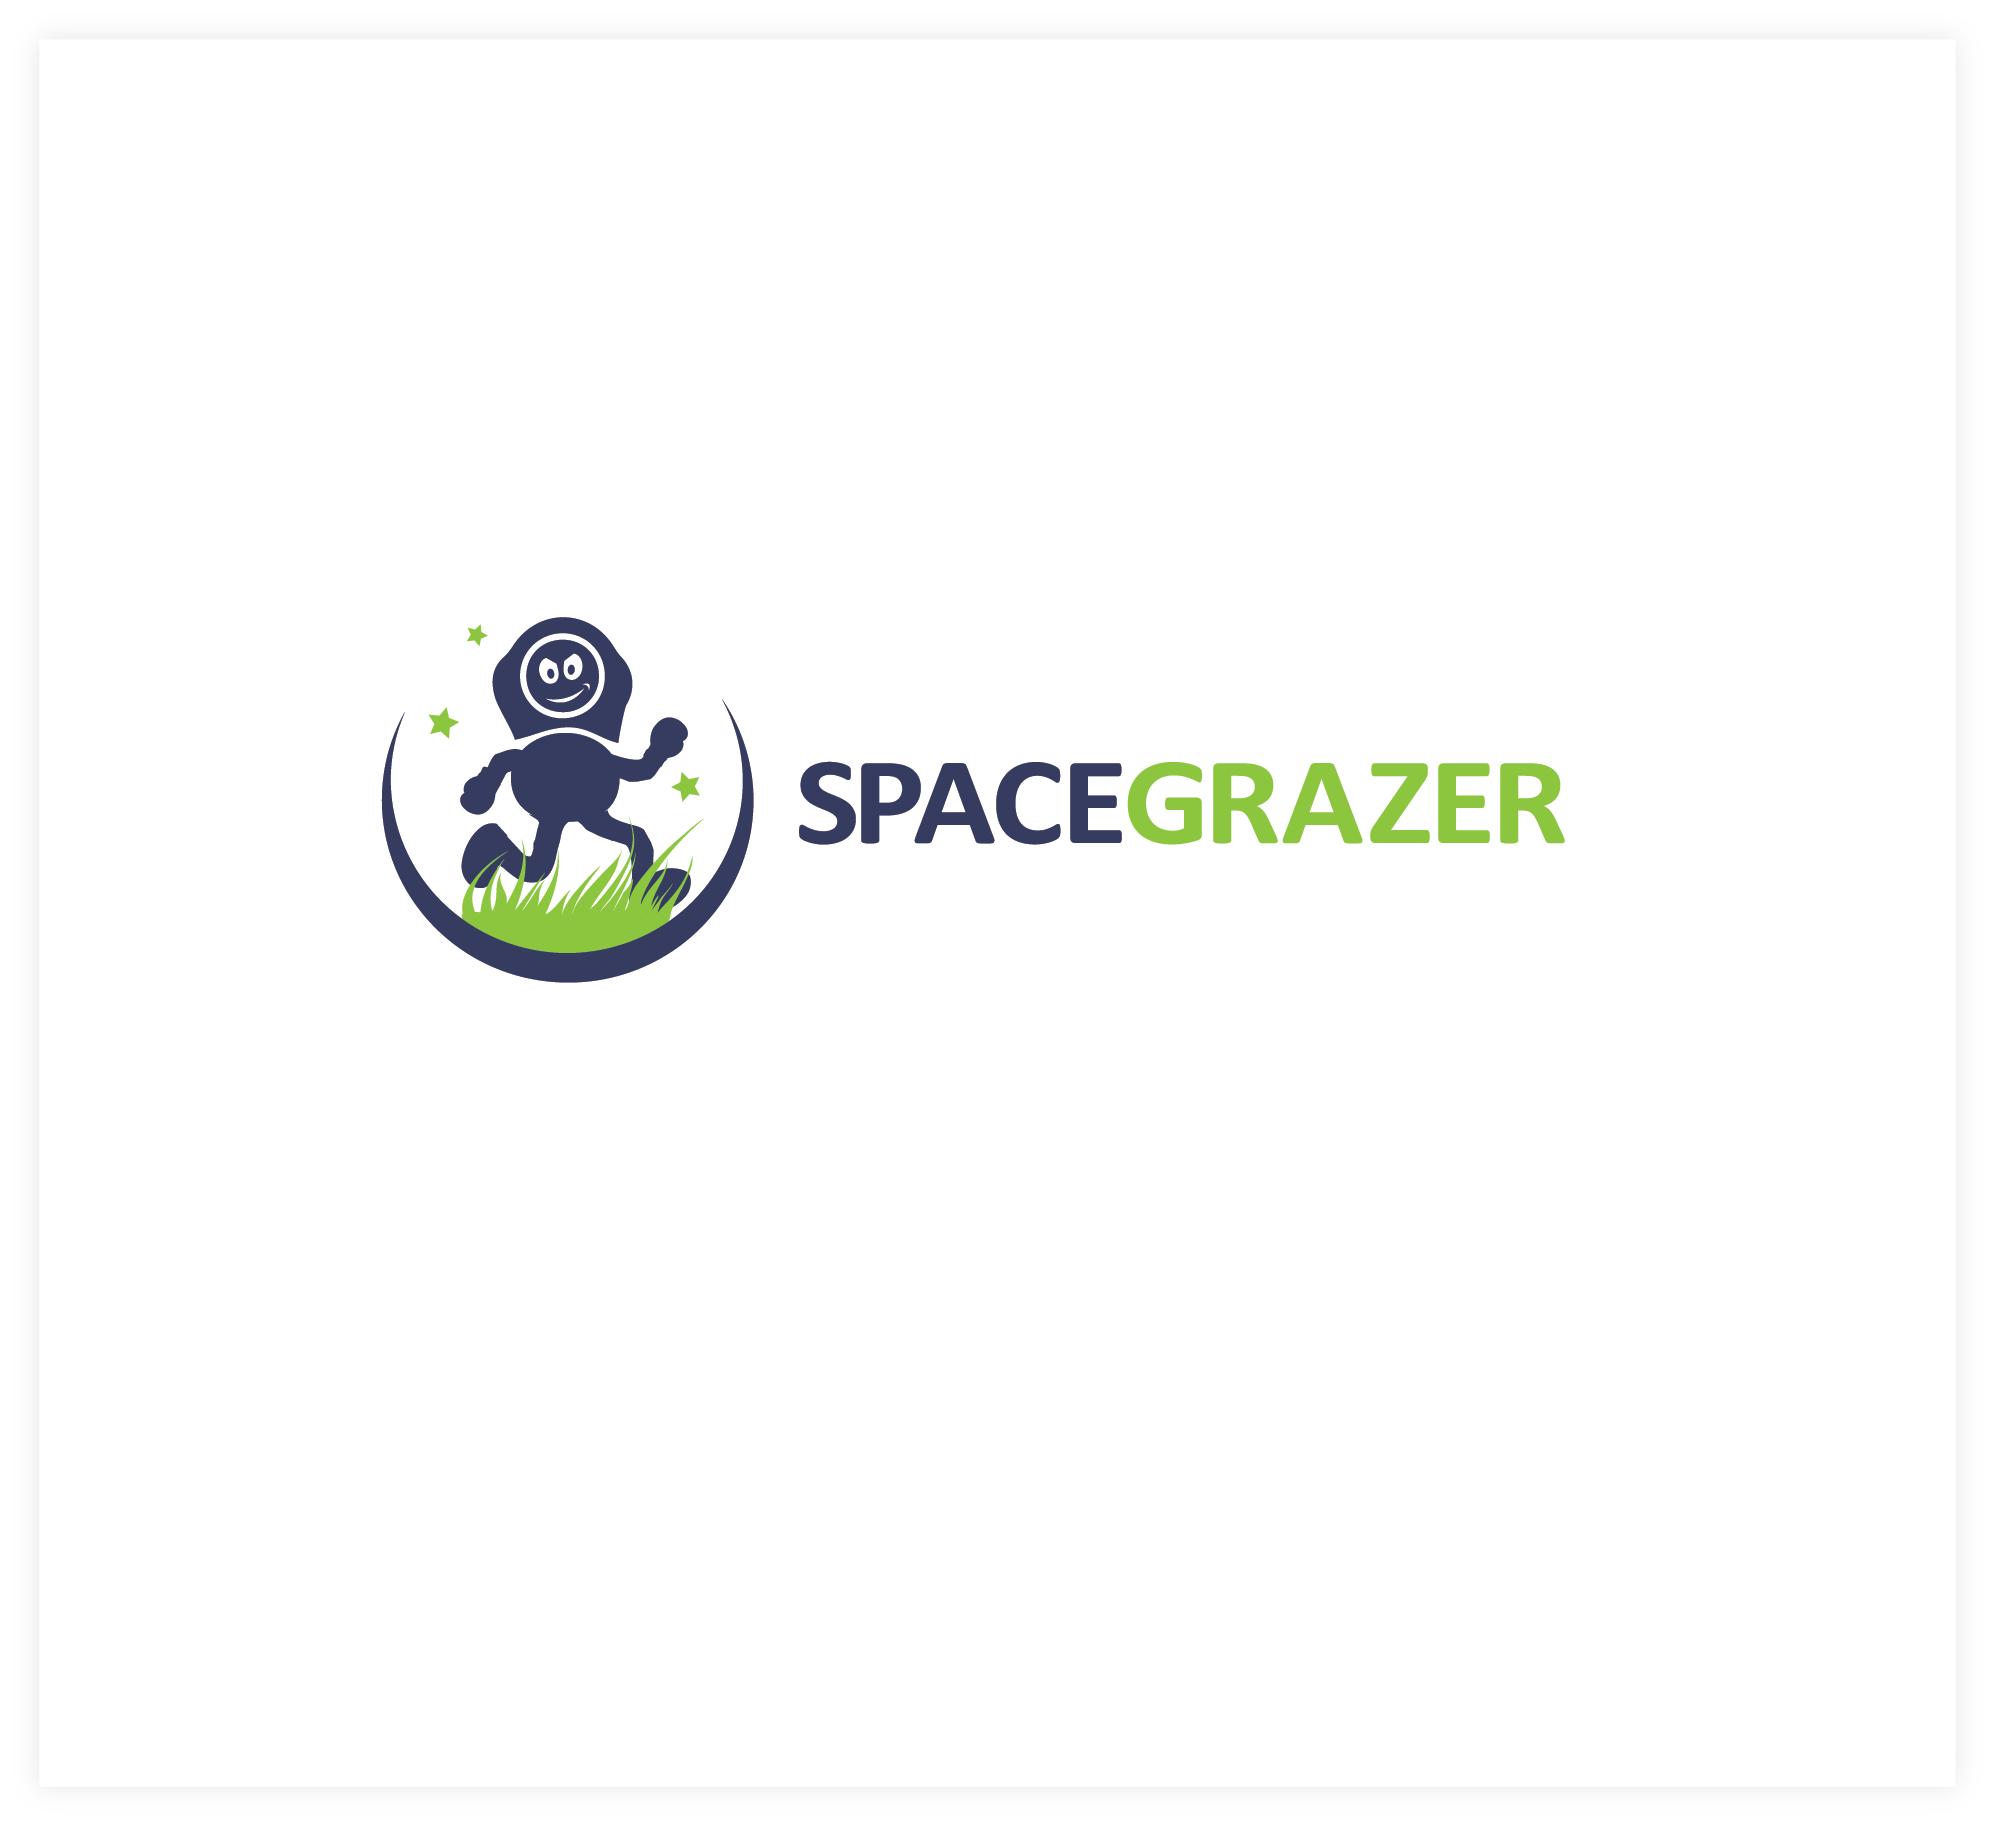 Logo Design by Agnes Bak - Entry No. 45 in the Logo Design Contest Fun Logo Design for Spacegrazer.